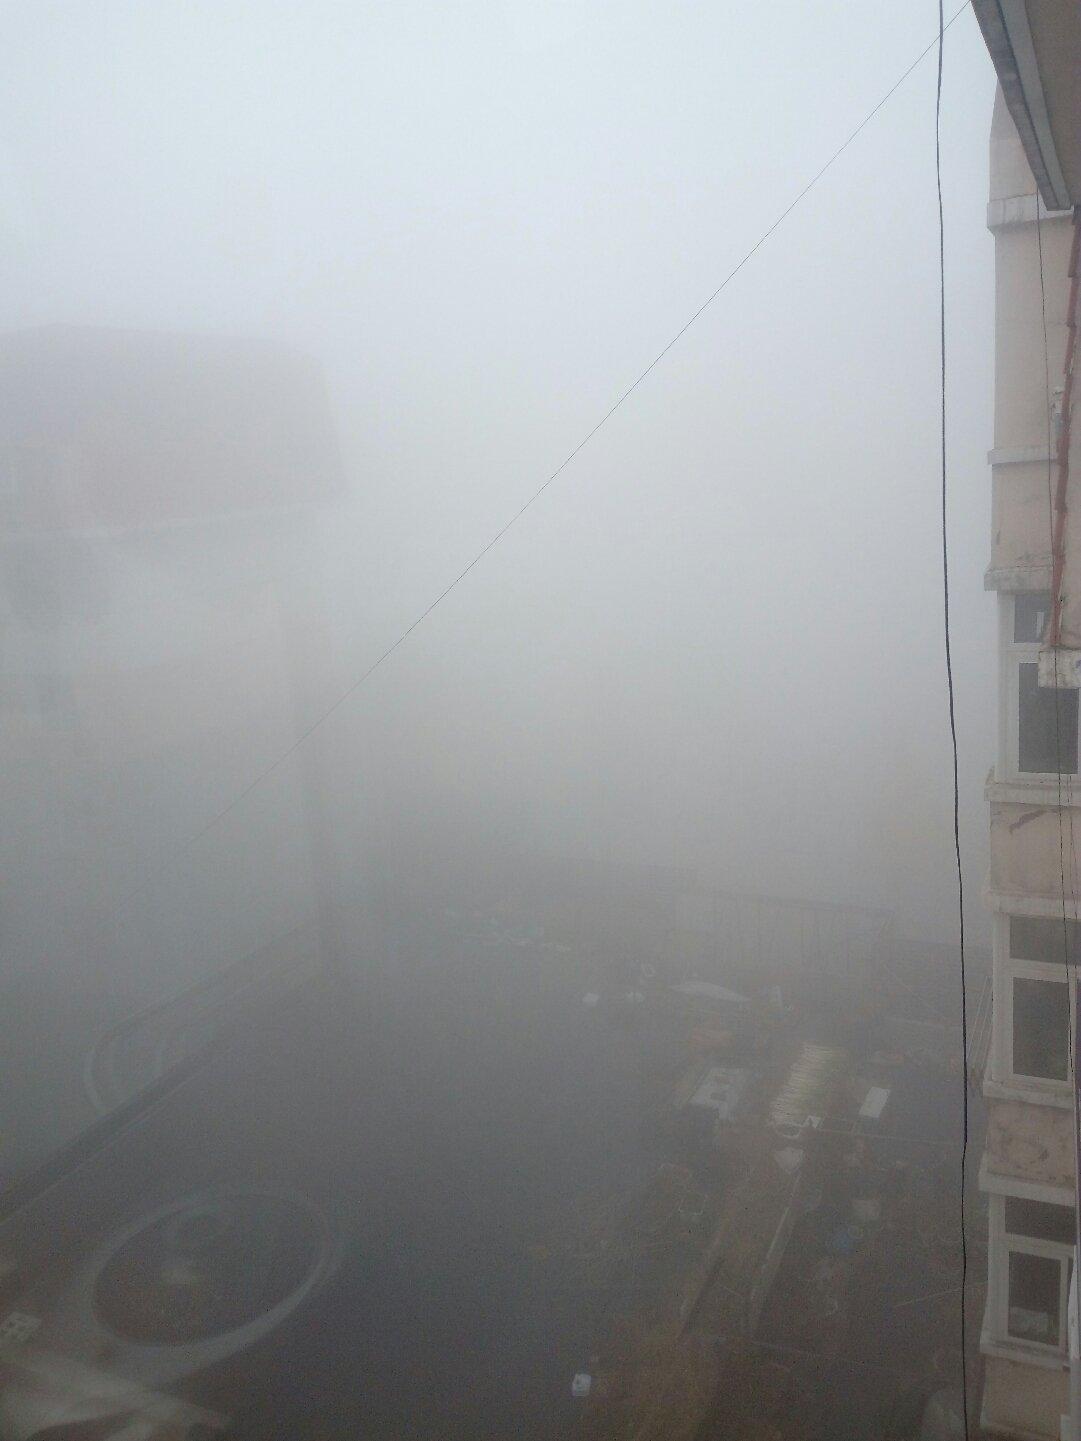 辽宁省锦州市古塔区士英南街2-141号靠近锦州市林业局天气预报